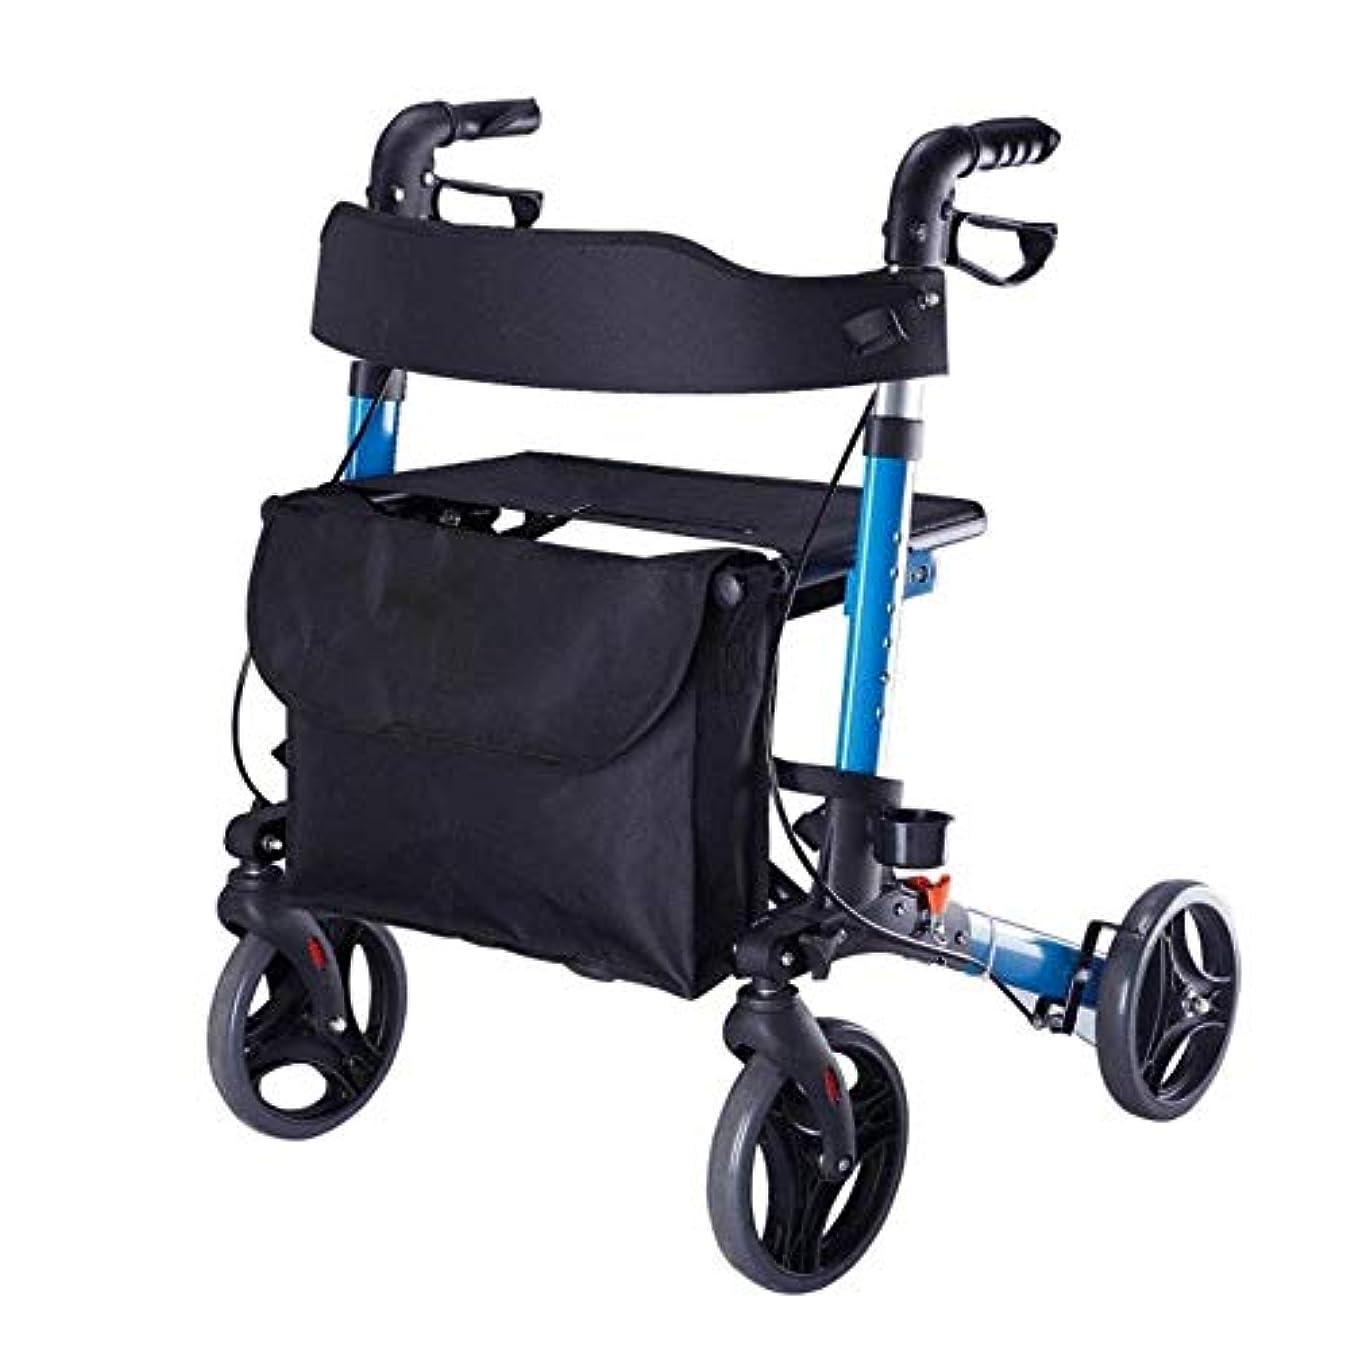 モナリザ付録誇張滑車が付いている歩行補助装置、より古いおよび傷つけられたのための多機能の年配の歩行者のアルミ合金の歩行者 (Color : 黒)